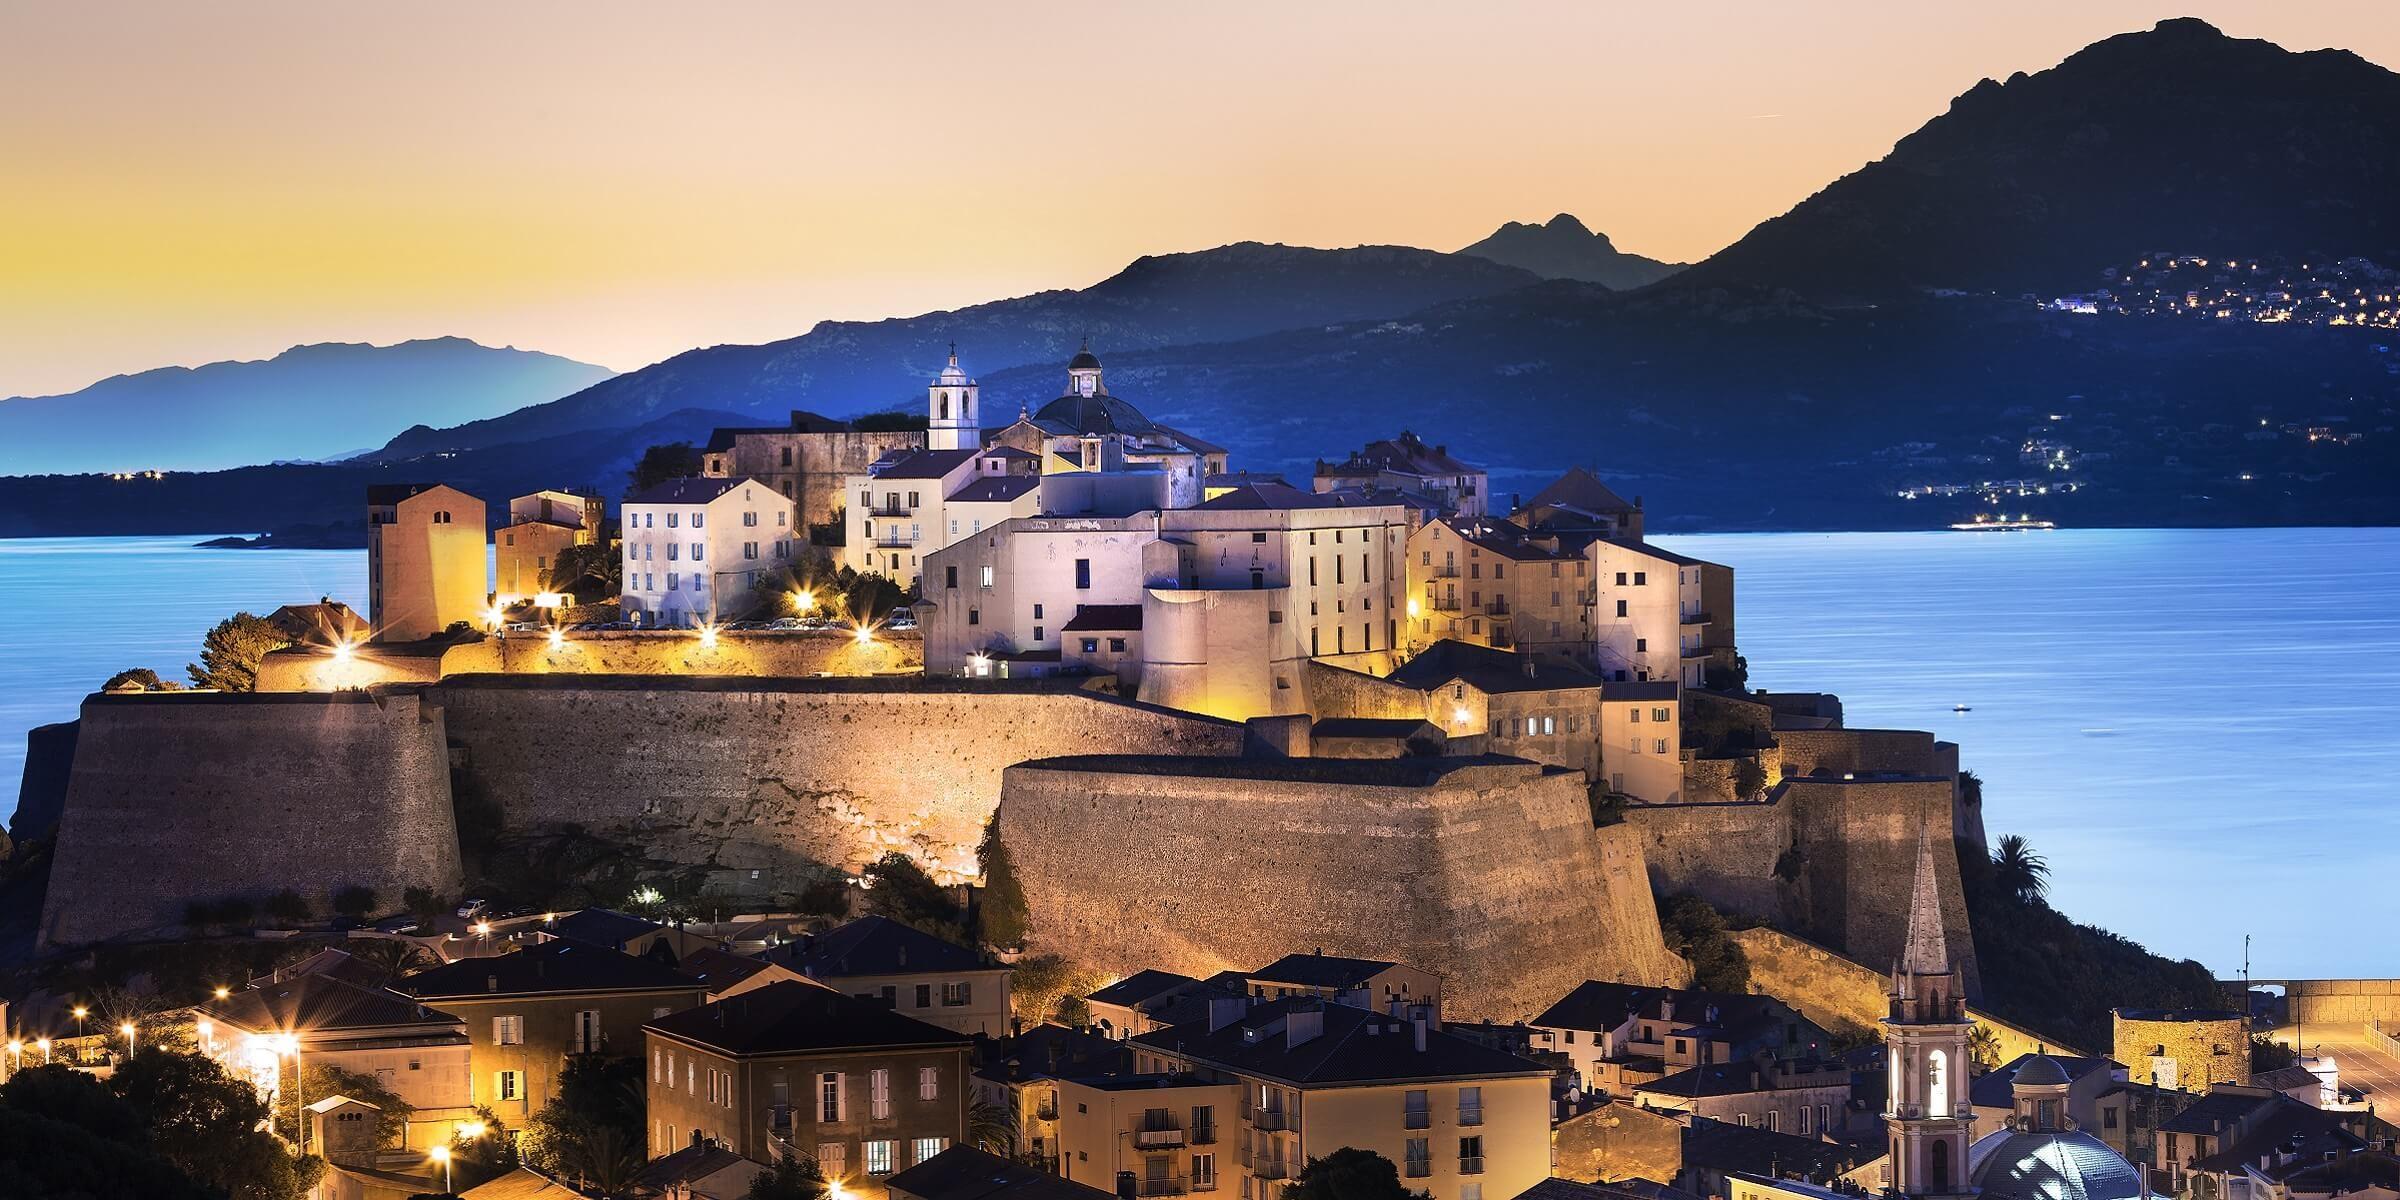 Die Festung in Calvi auf Korsika bei Sonnenuntergang